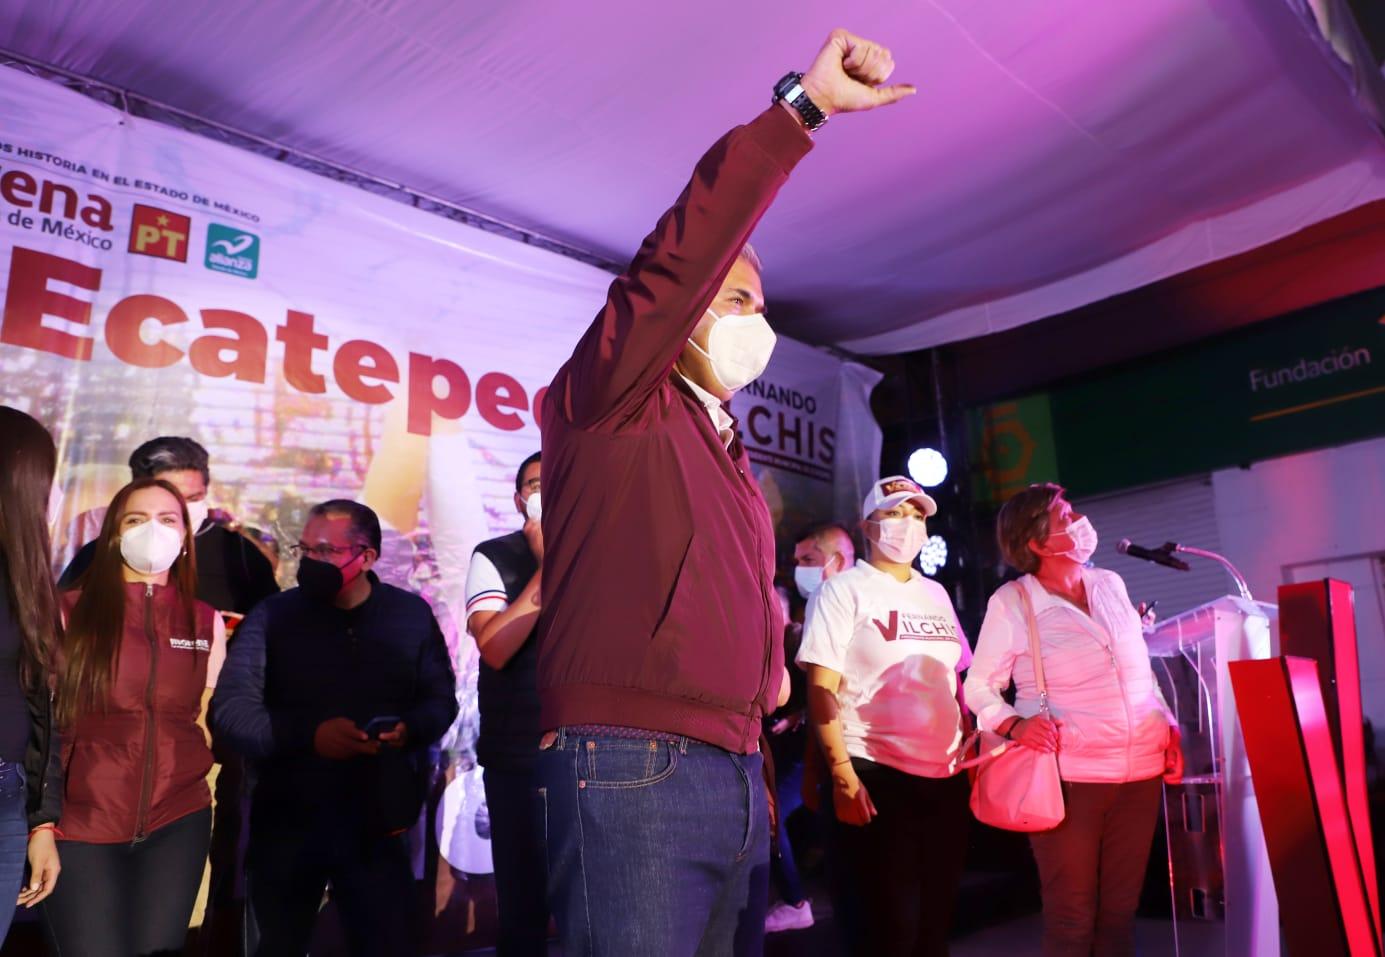 Fernando Vilchis gana Ecatepec con más de 275 mil votos para Morena; supera en votación a Colima, Tlaxcala, Campeche, Nayarit y BCS